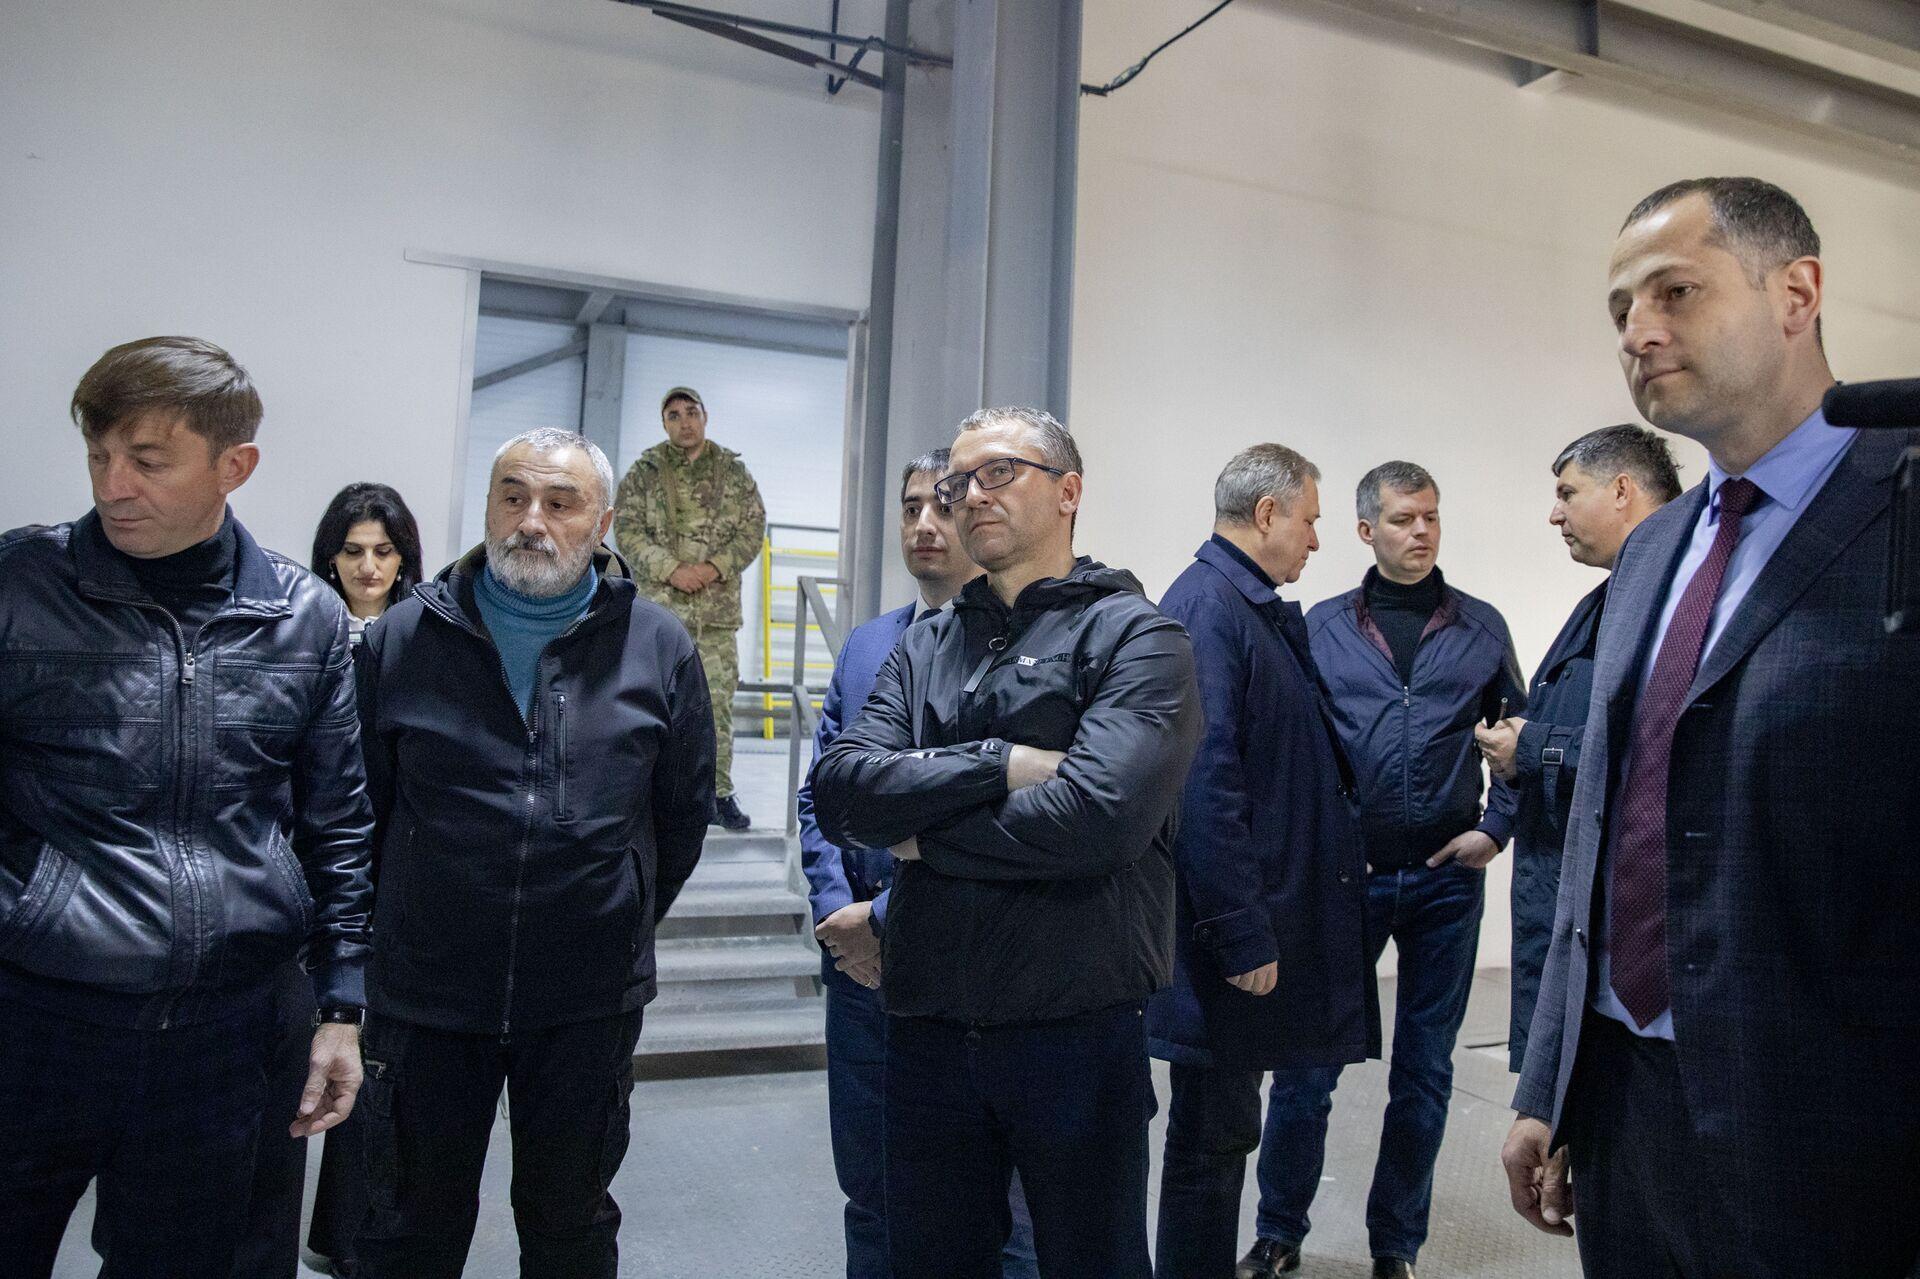 Замминистра экономики РФ Дмитрий Вольвач посетил объекты инвестпрограммы - Sputnik Южная Осетия, 1920, 26.10.2021